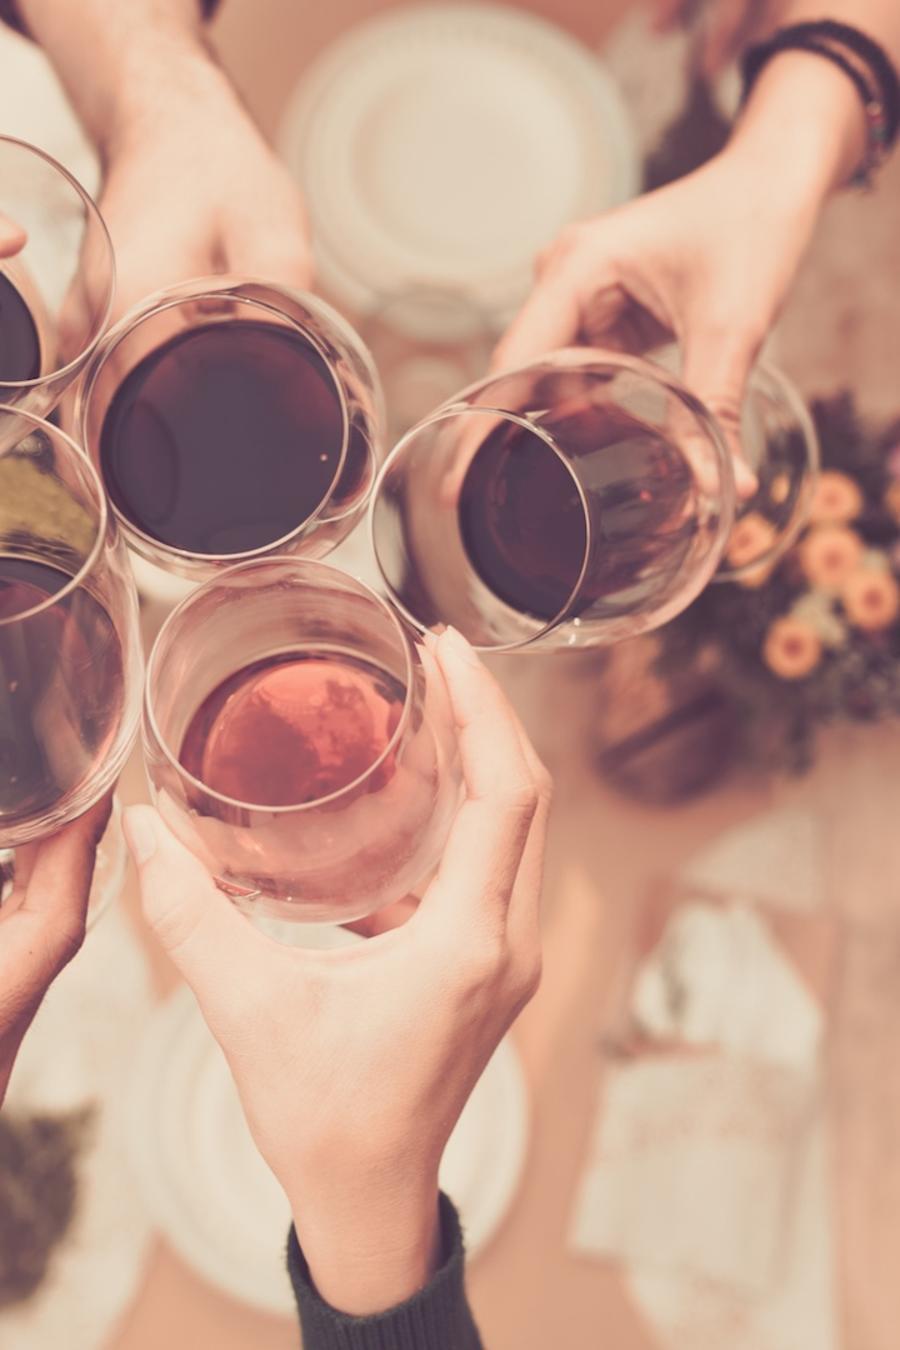 Amigos haciendo un brindis con copas